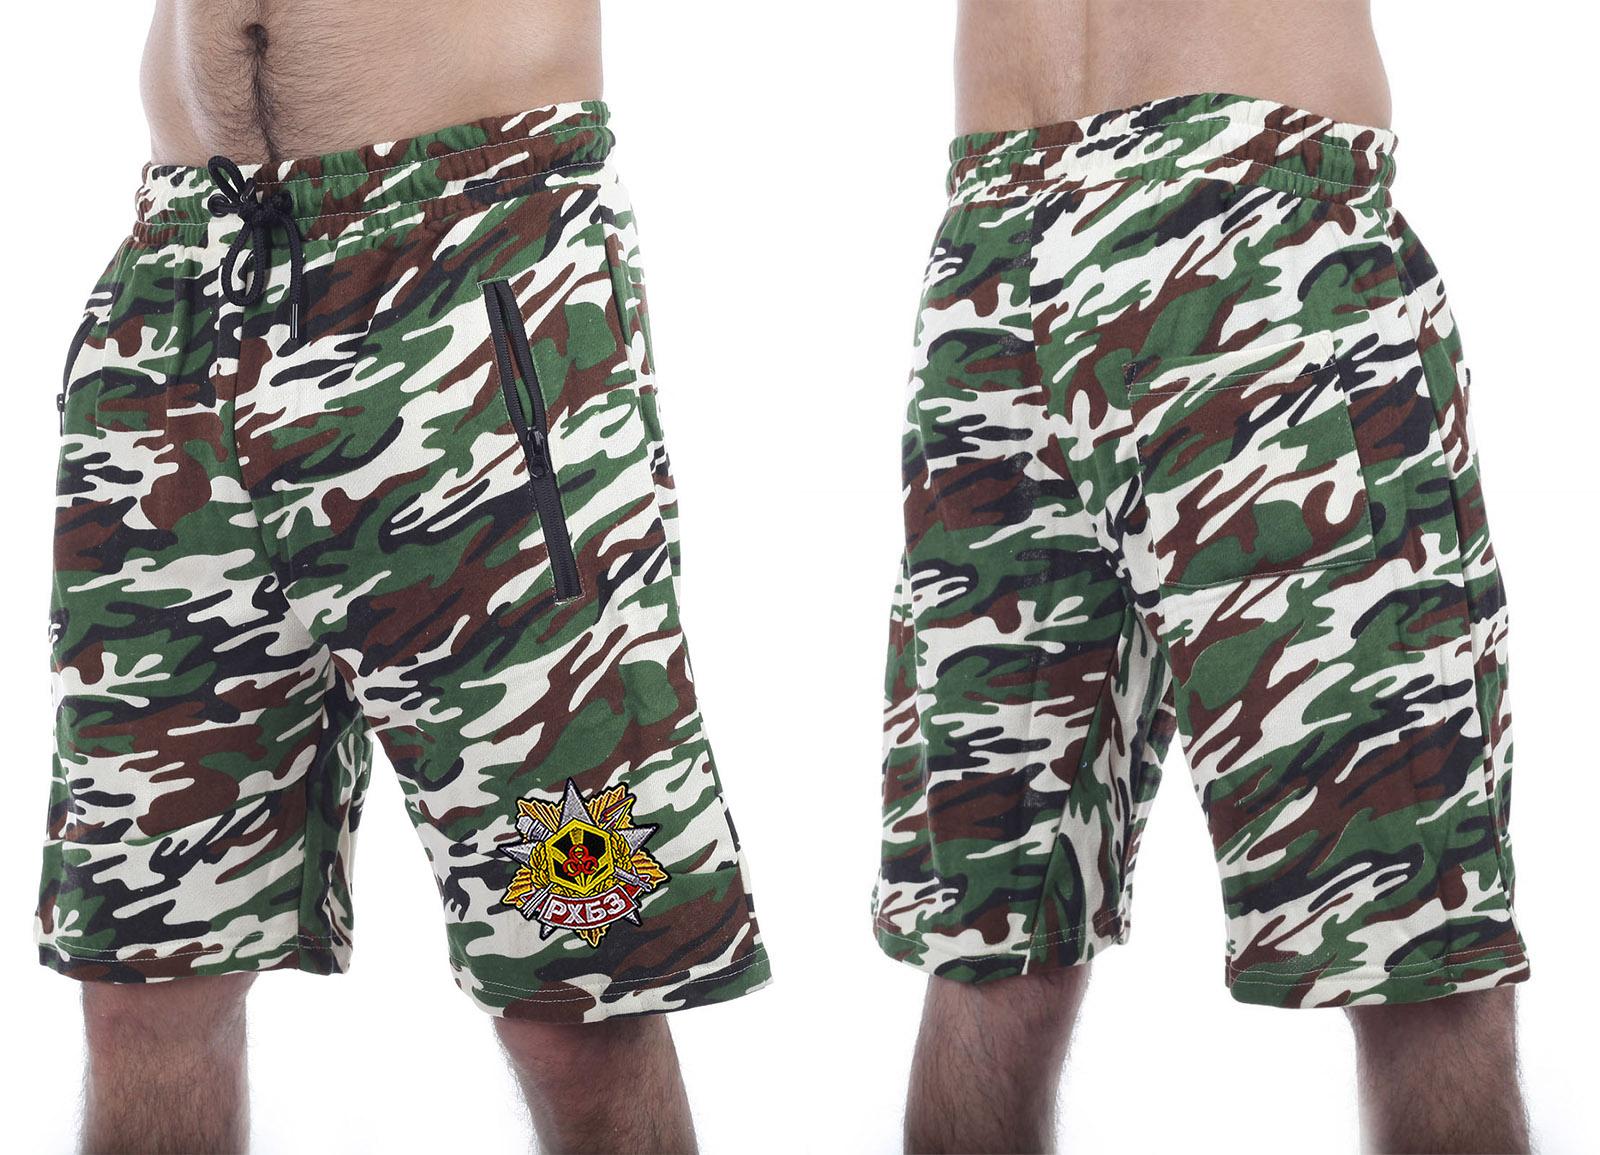 Зачетные камуфляжные шорты с карманами  нашивкой РХБЗ - заказать по низкой цене